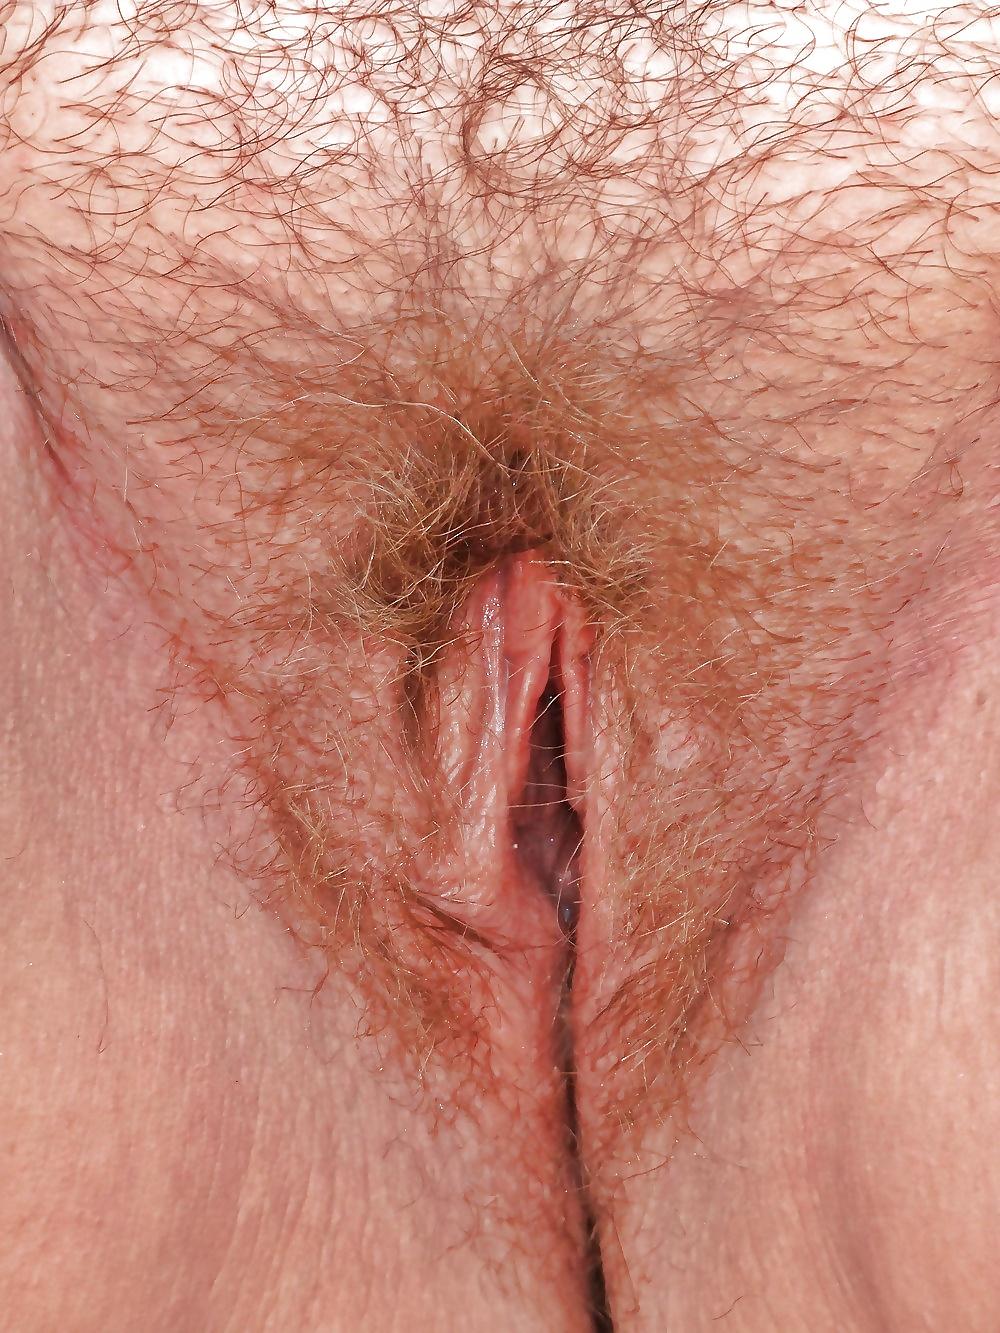 Vulva photo archive